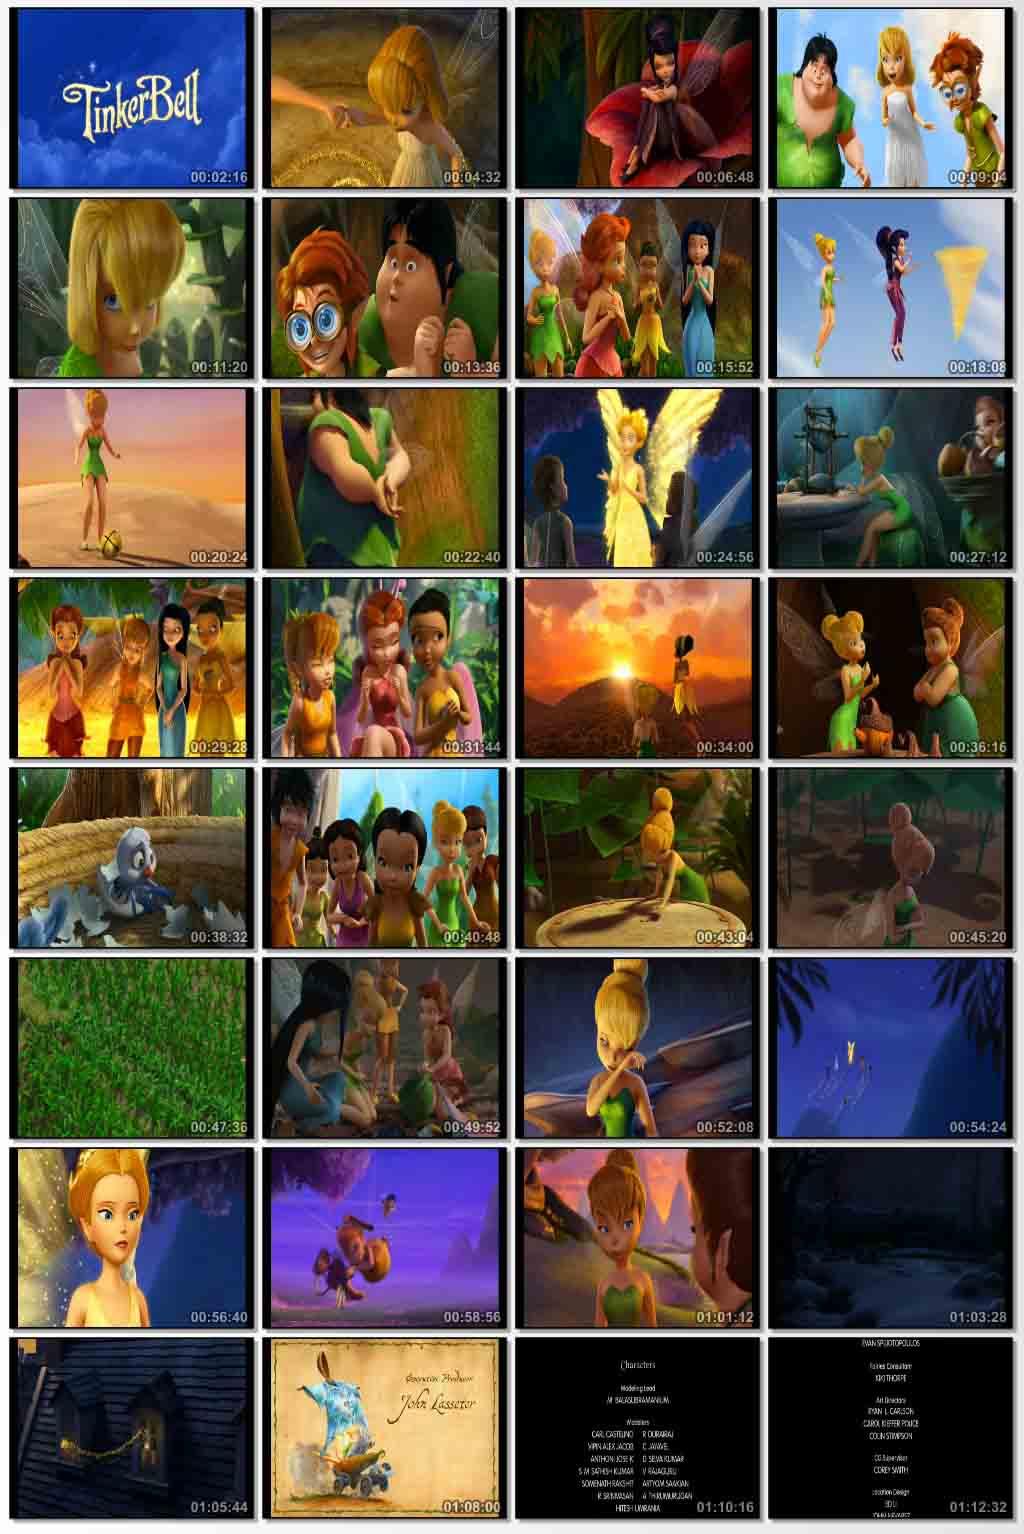 دانلود انیمیشن کارتونی Tinker Bell 2008